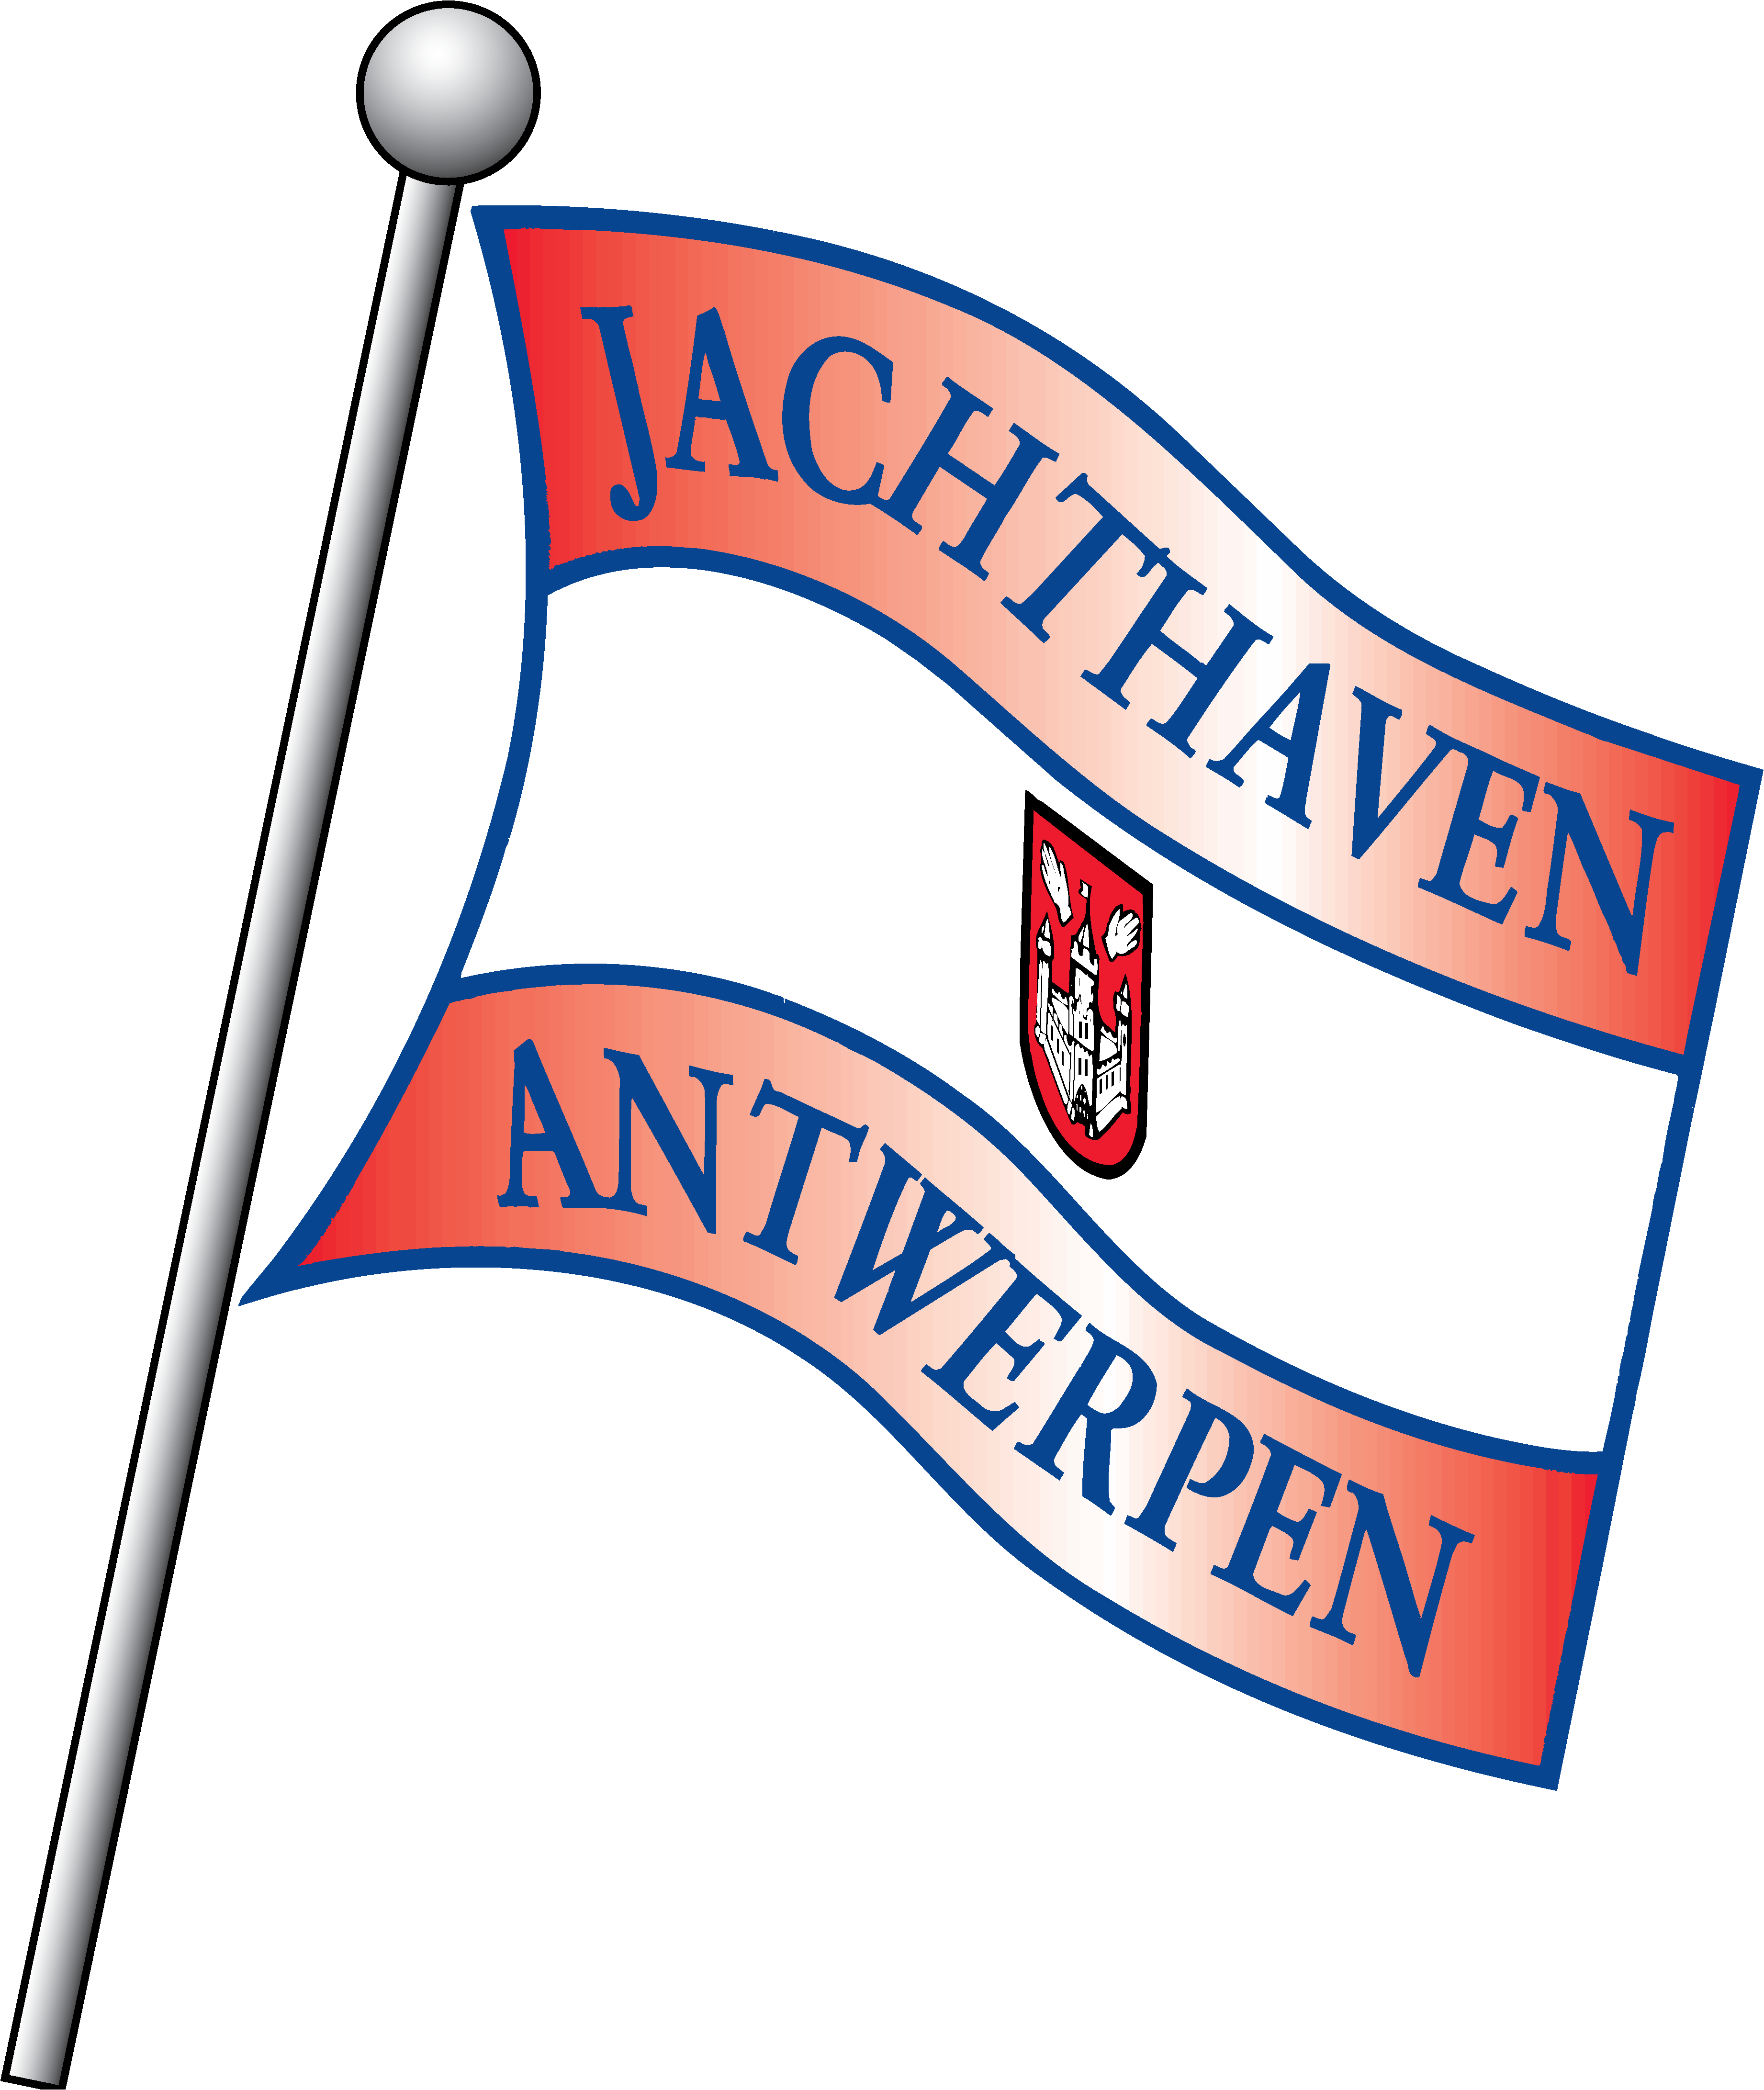 Goud Jachthaven-Antwerpen